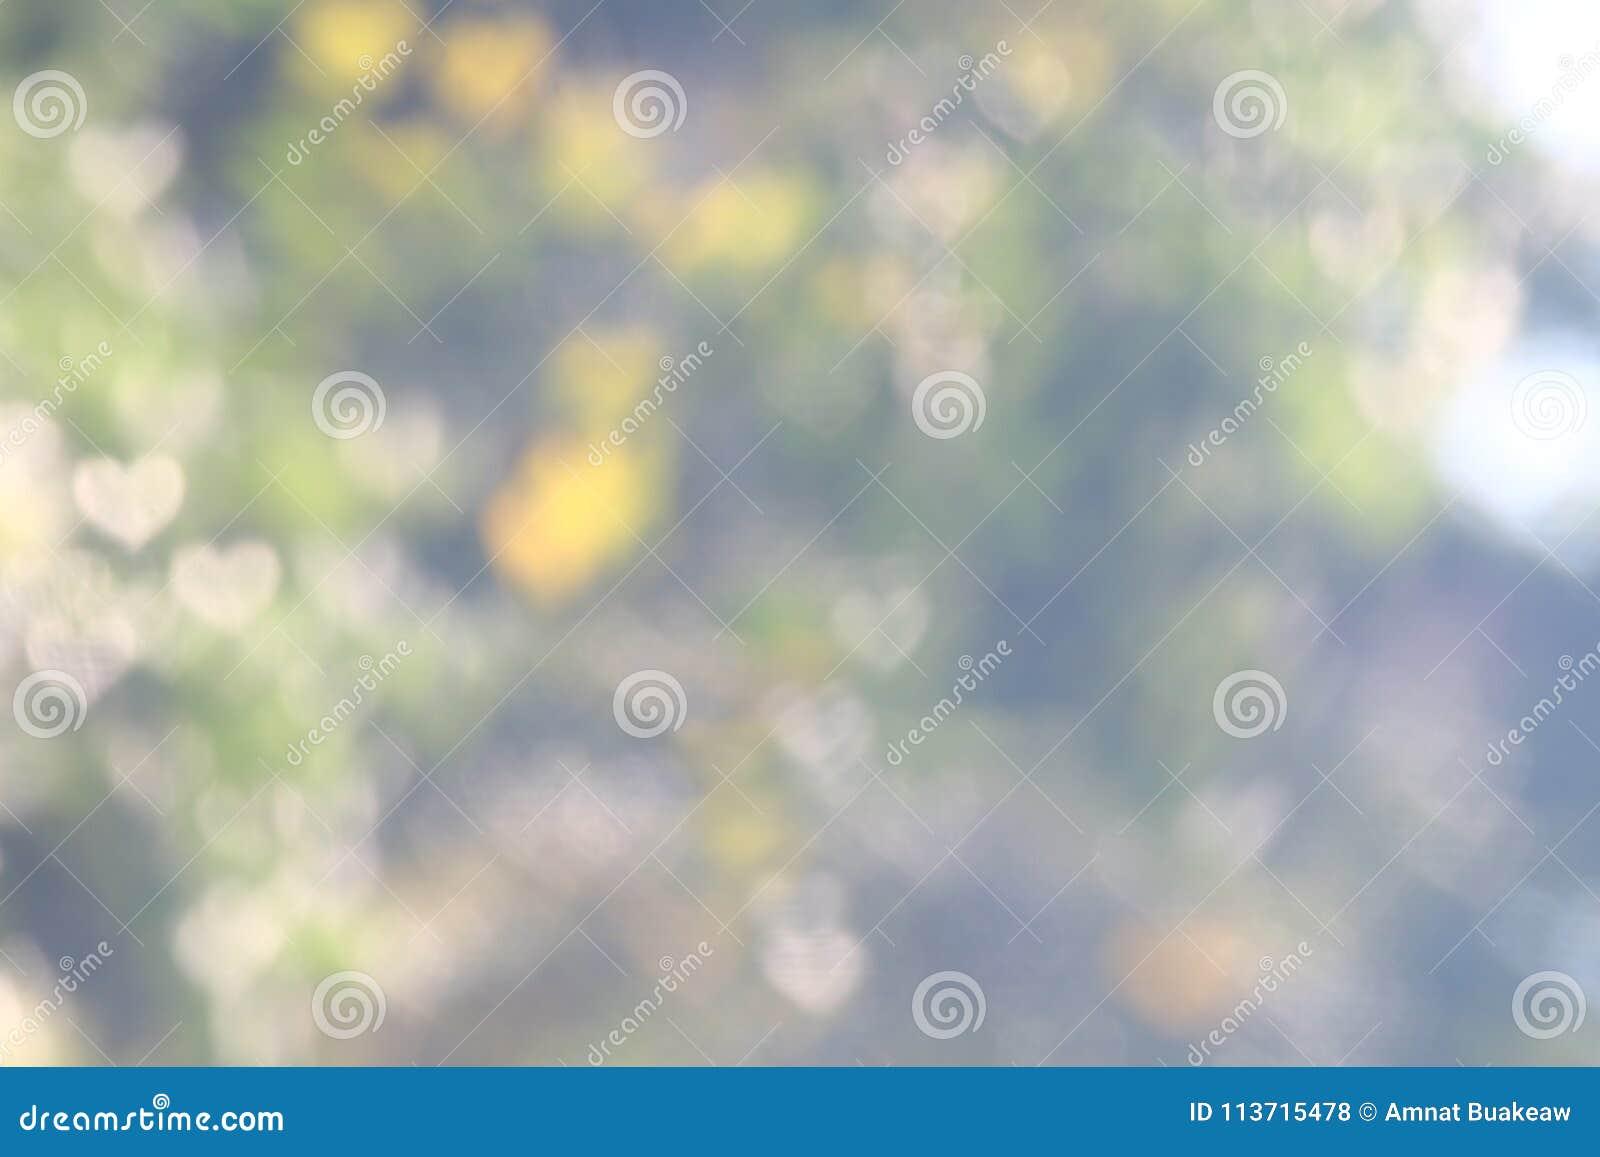 Zachte vage bokeh de aard verse verlichting van de achtergrond Natuurlijke valentijnskaart groene boom hart-vormig voor valentijn